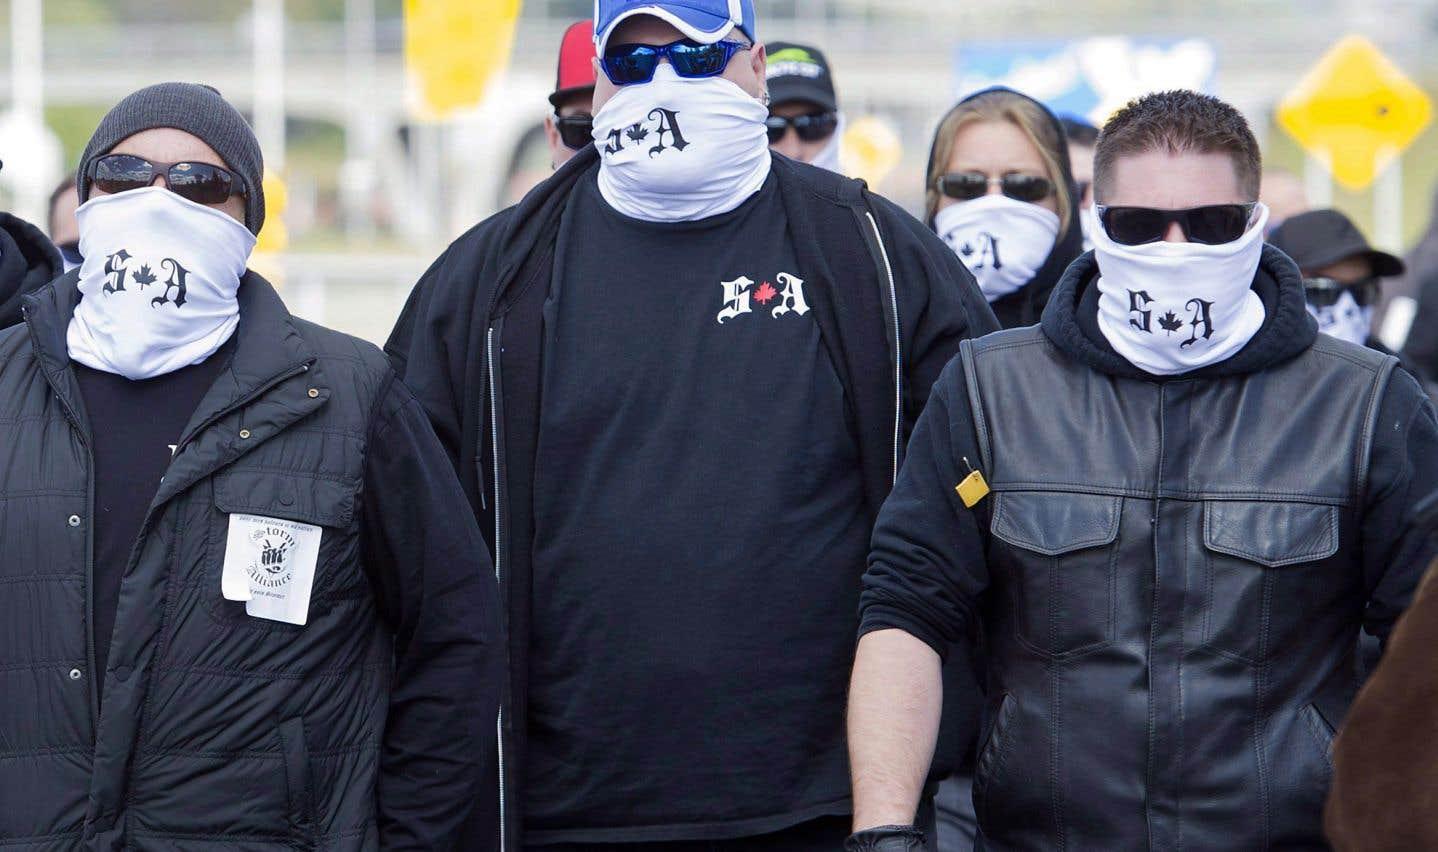 Les membres de Storm Alliance s'étaient donné rendez-vous à Lacolle afin de protester contre l'arrivée de demandeurs d'asile irréguliers.